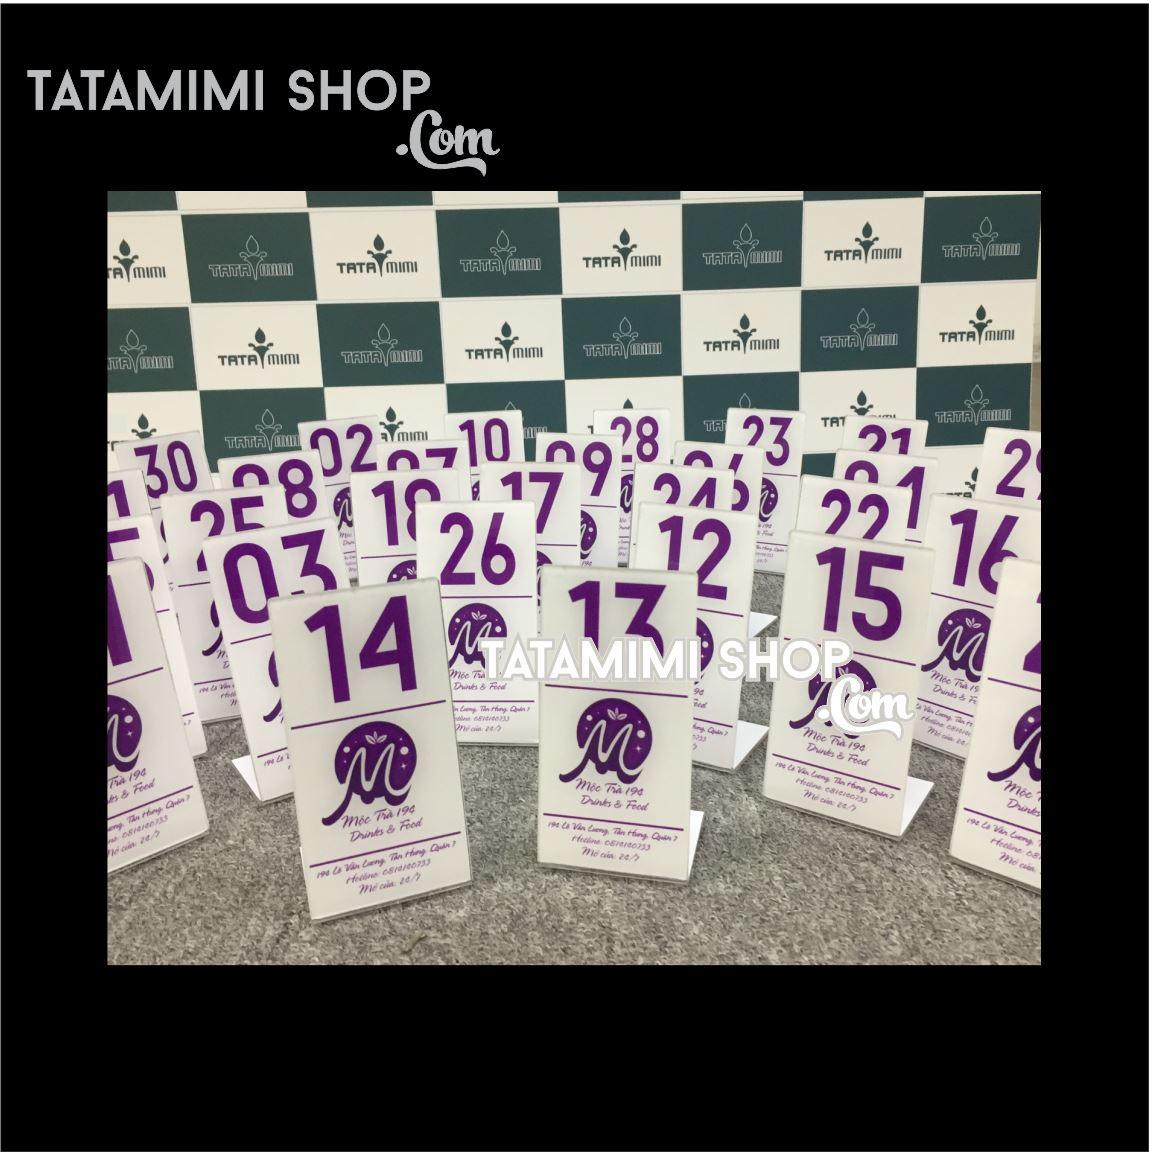 Biển số bàn chữ màu tím   TATAMIMI.COM ?? nhận thiết kế theo yêu cầu